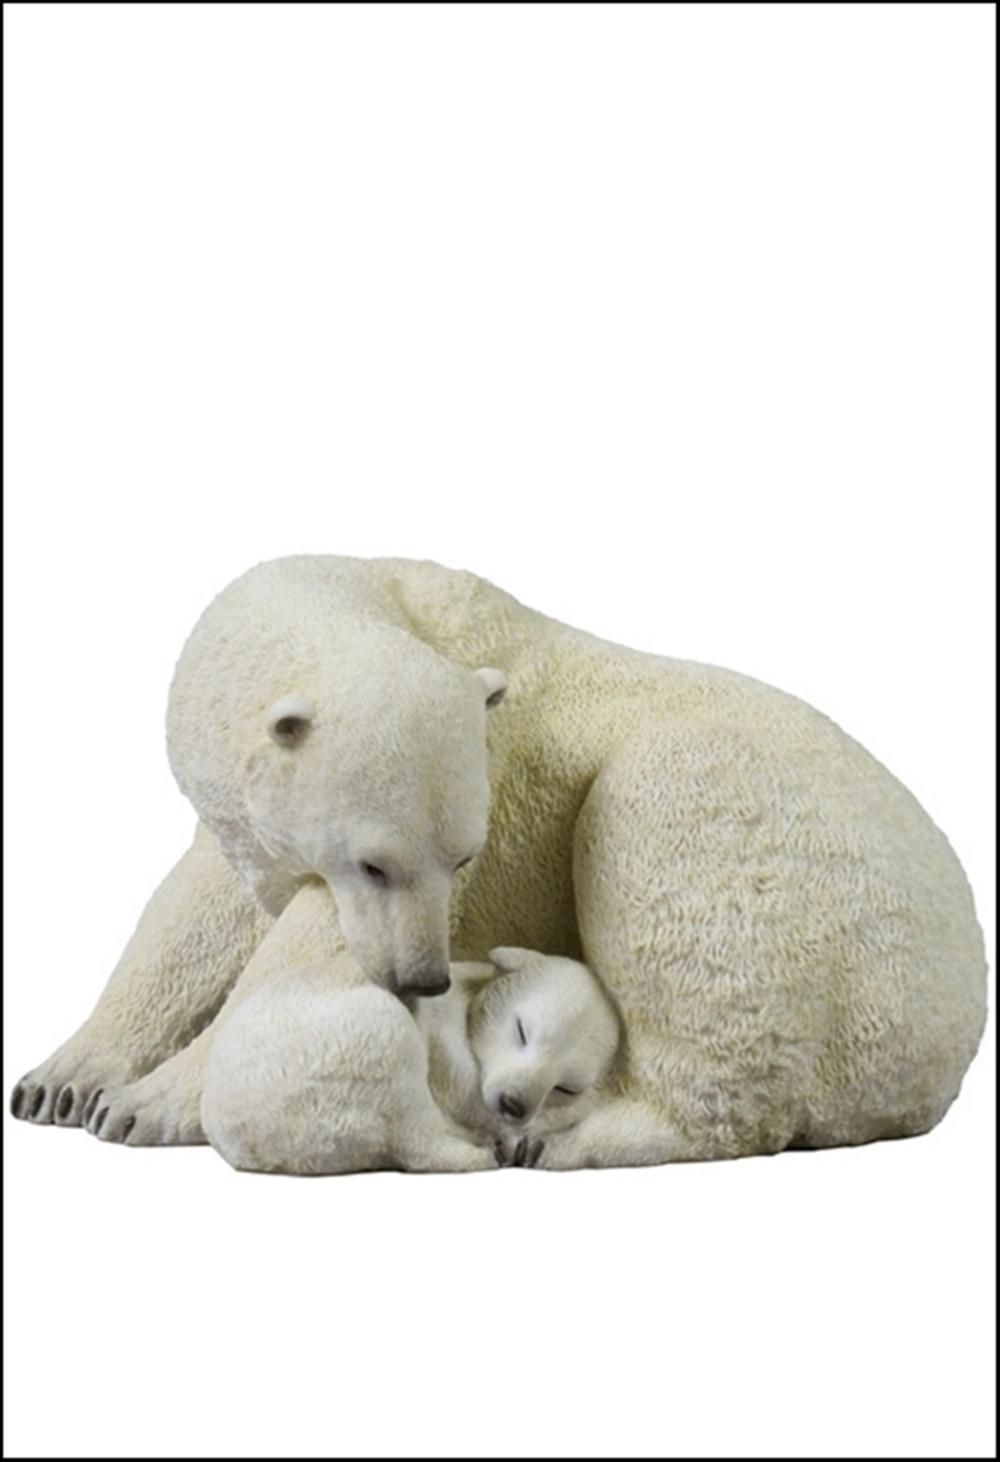 POLAR BEAR CUB CUDDLING WITH MOTHER